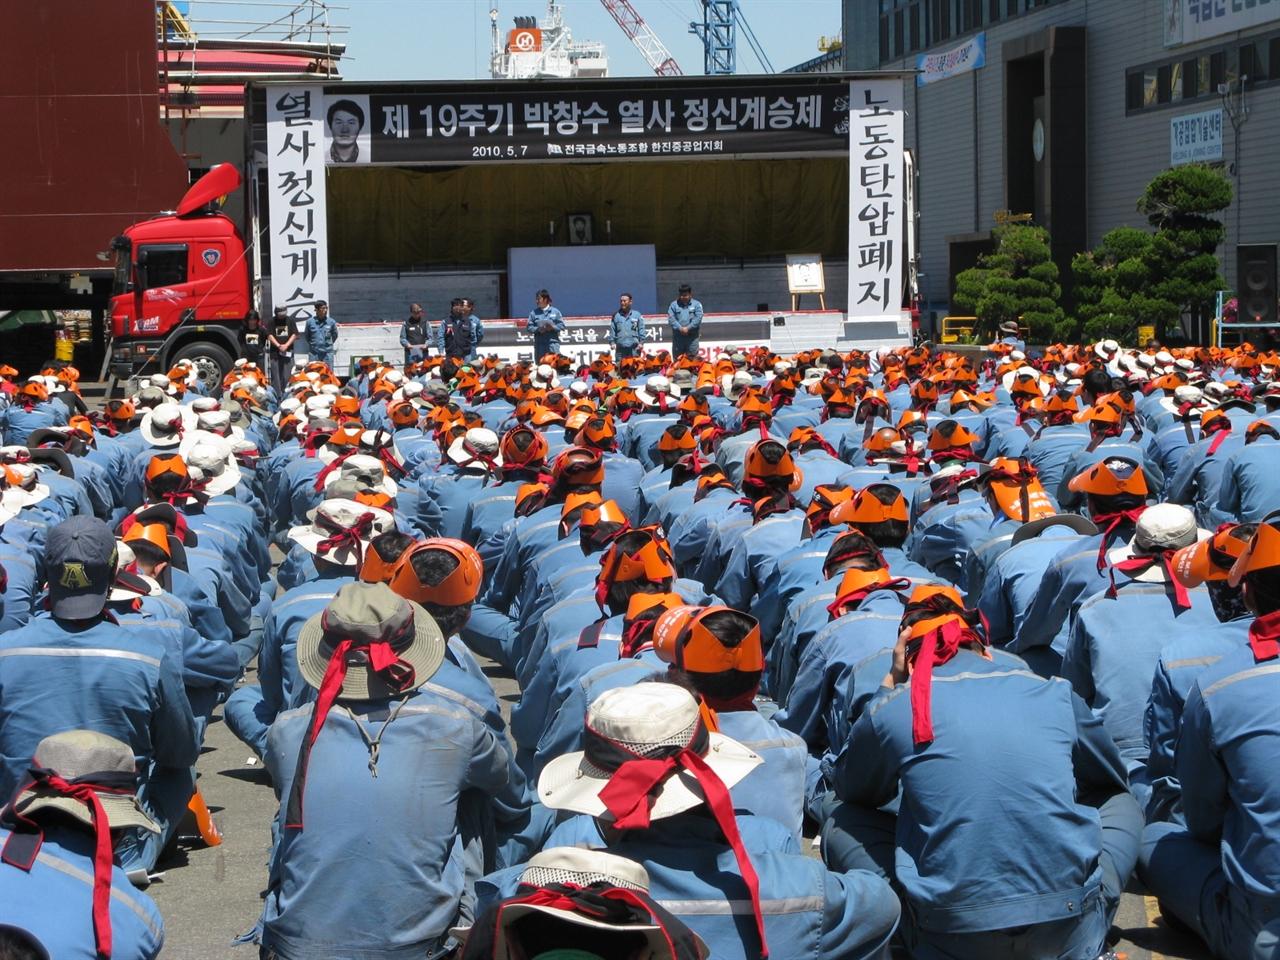 2010년 한진중공업에서 열린 박창수 열사 19주기 추모식 광경.